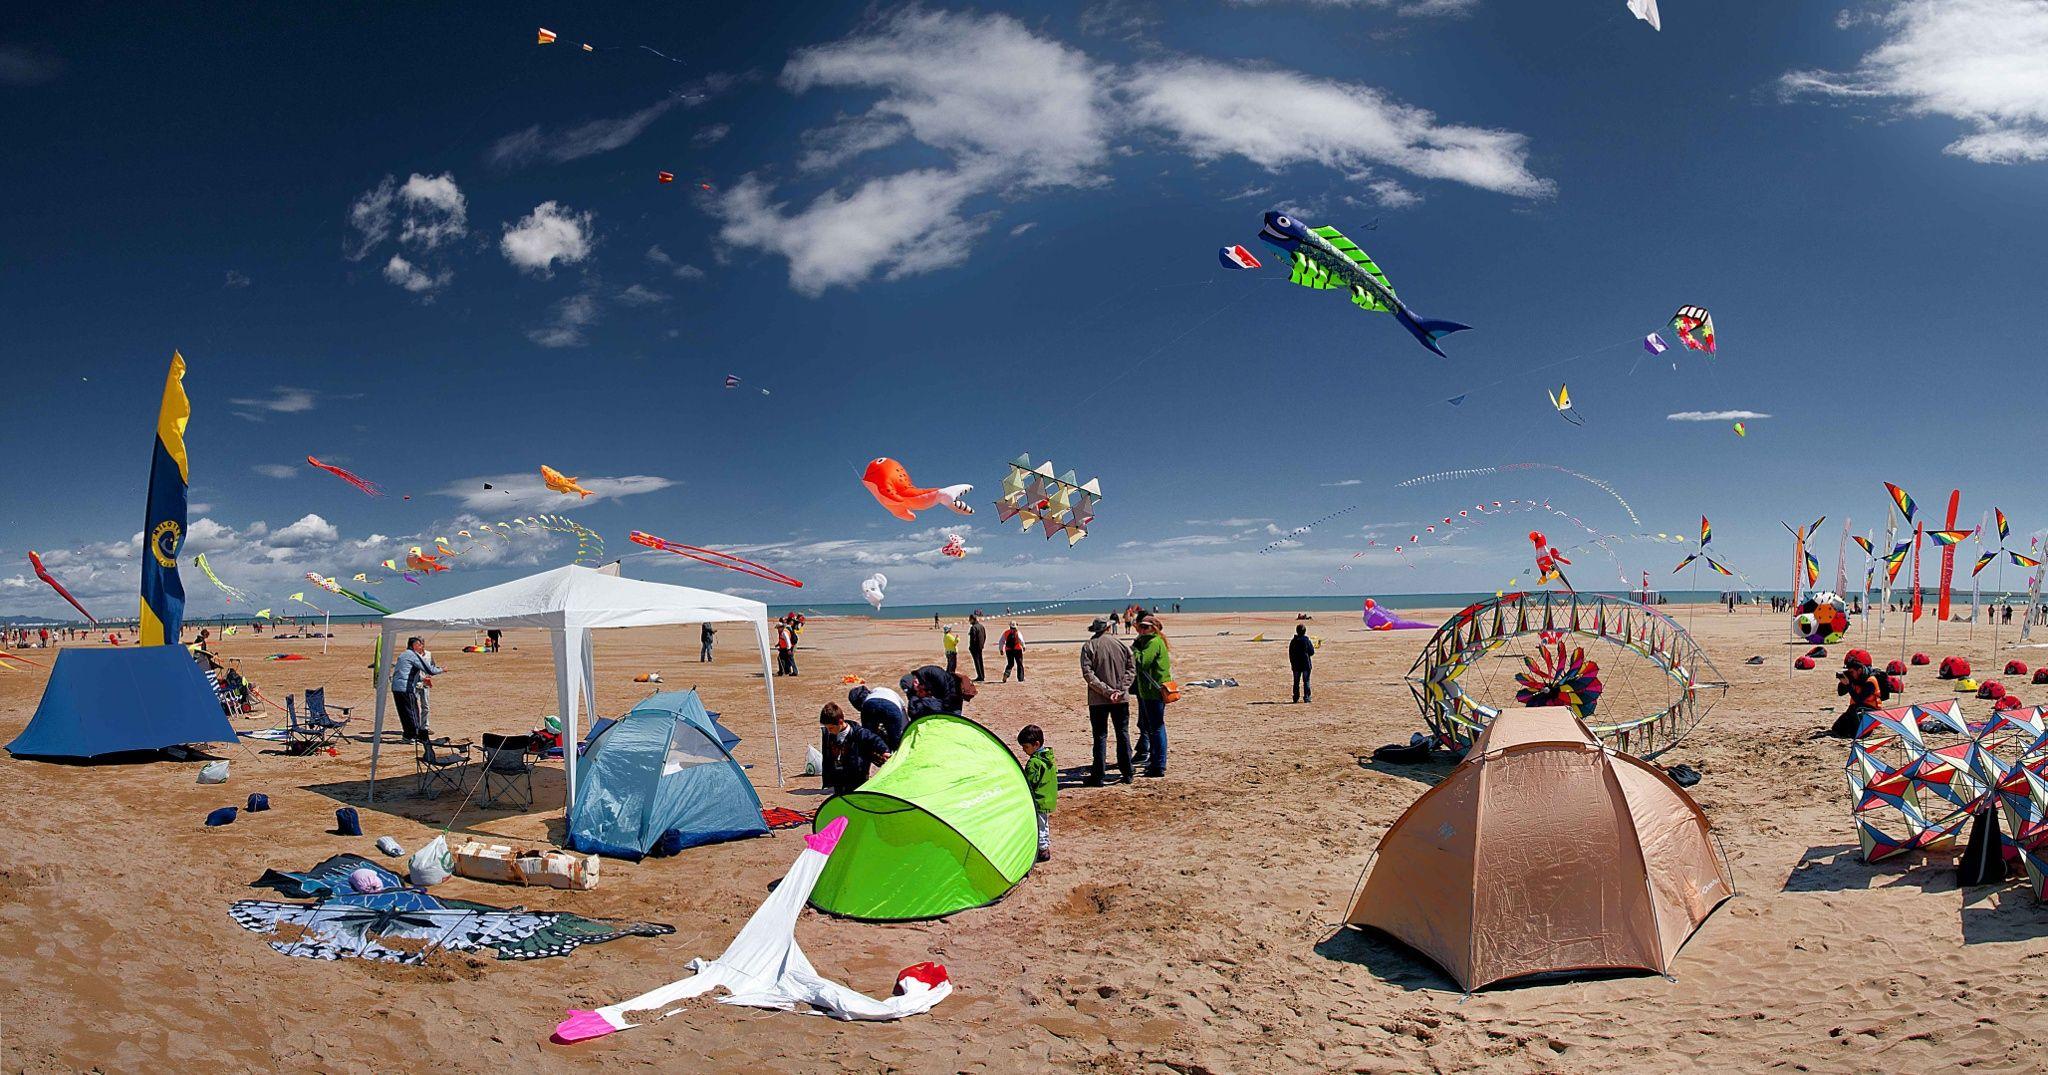 Cometas en el cielo del Cabanyal - Valencia: competición de cometas en la playa del Cabanyal.